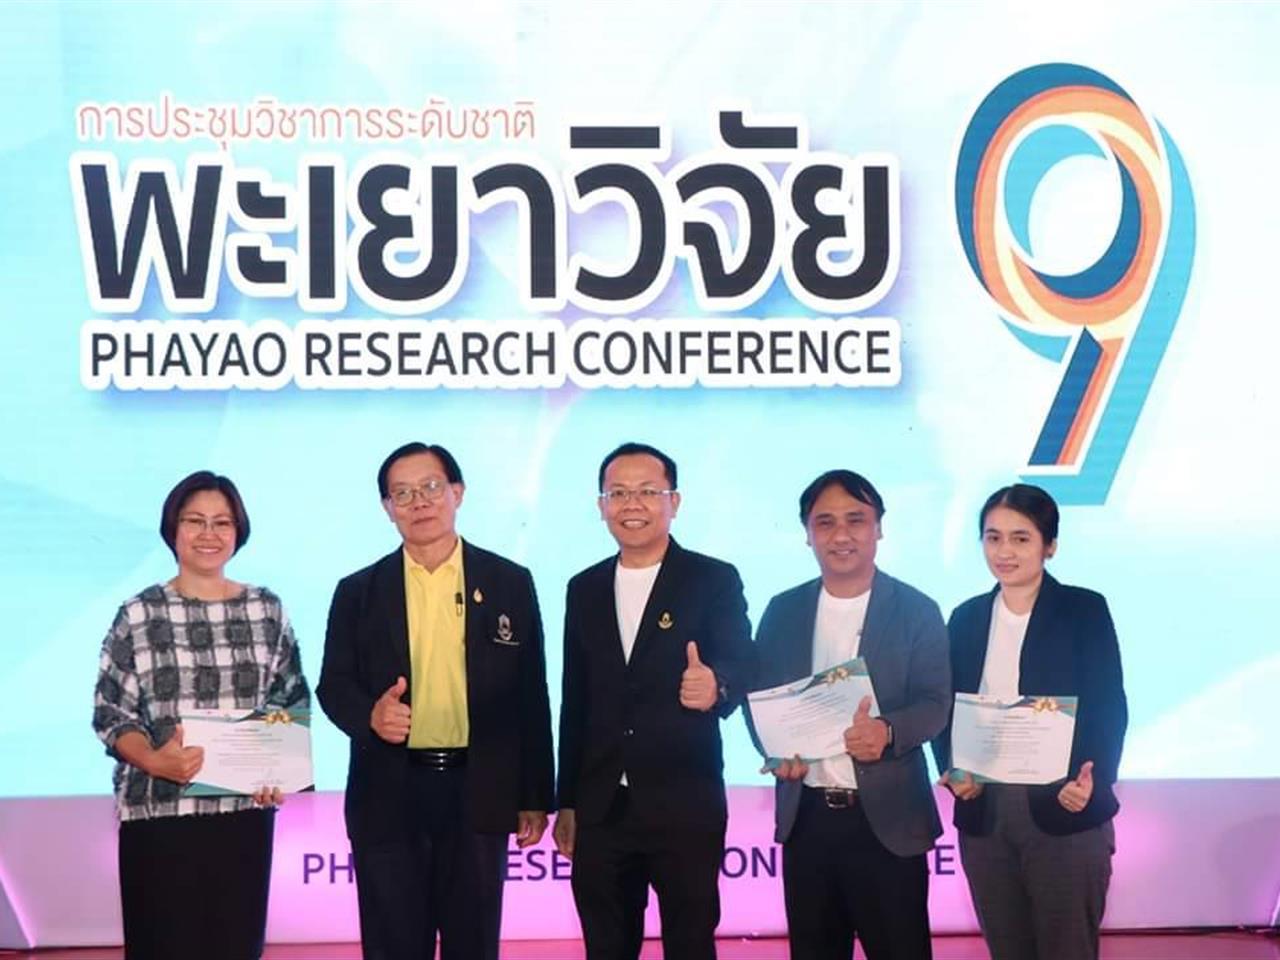 คณะวิทยาศาสตร์ ขอแสดงความยินดีกับ บุคลากรที่ได้รับรางวัลการนำเสนอผลงาน พะเยาวิจัย ครั้งที่ 9